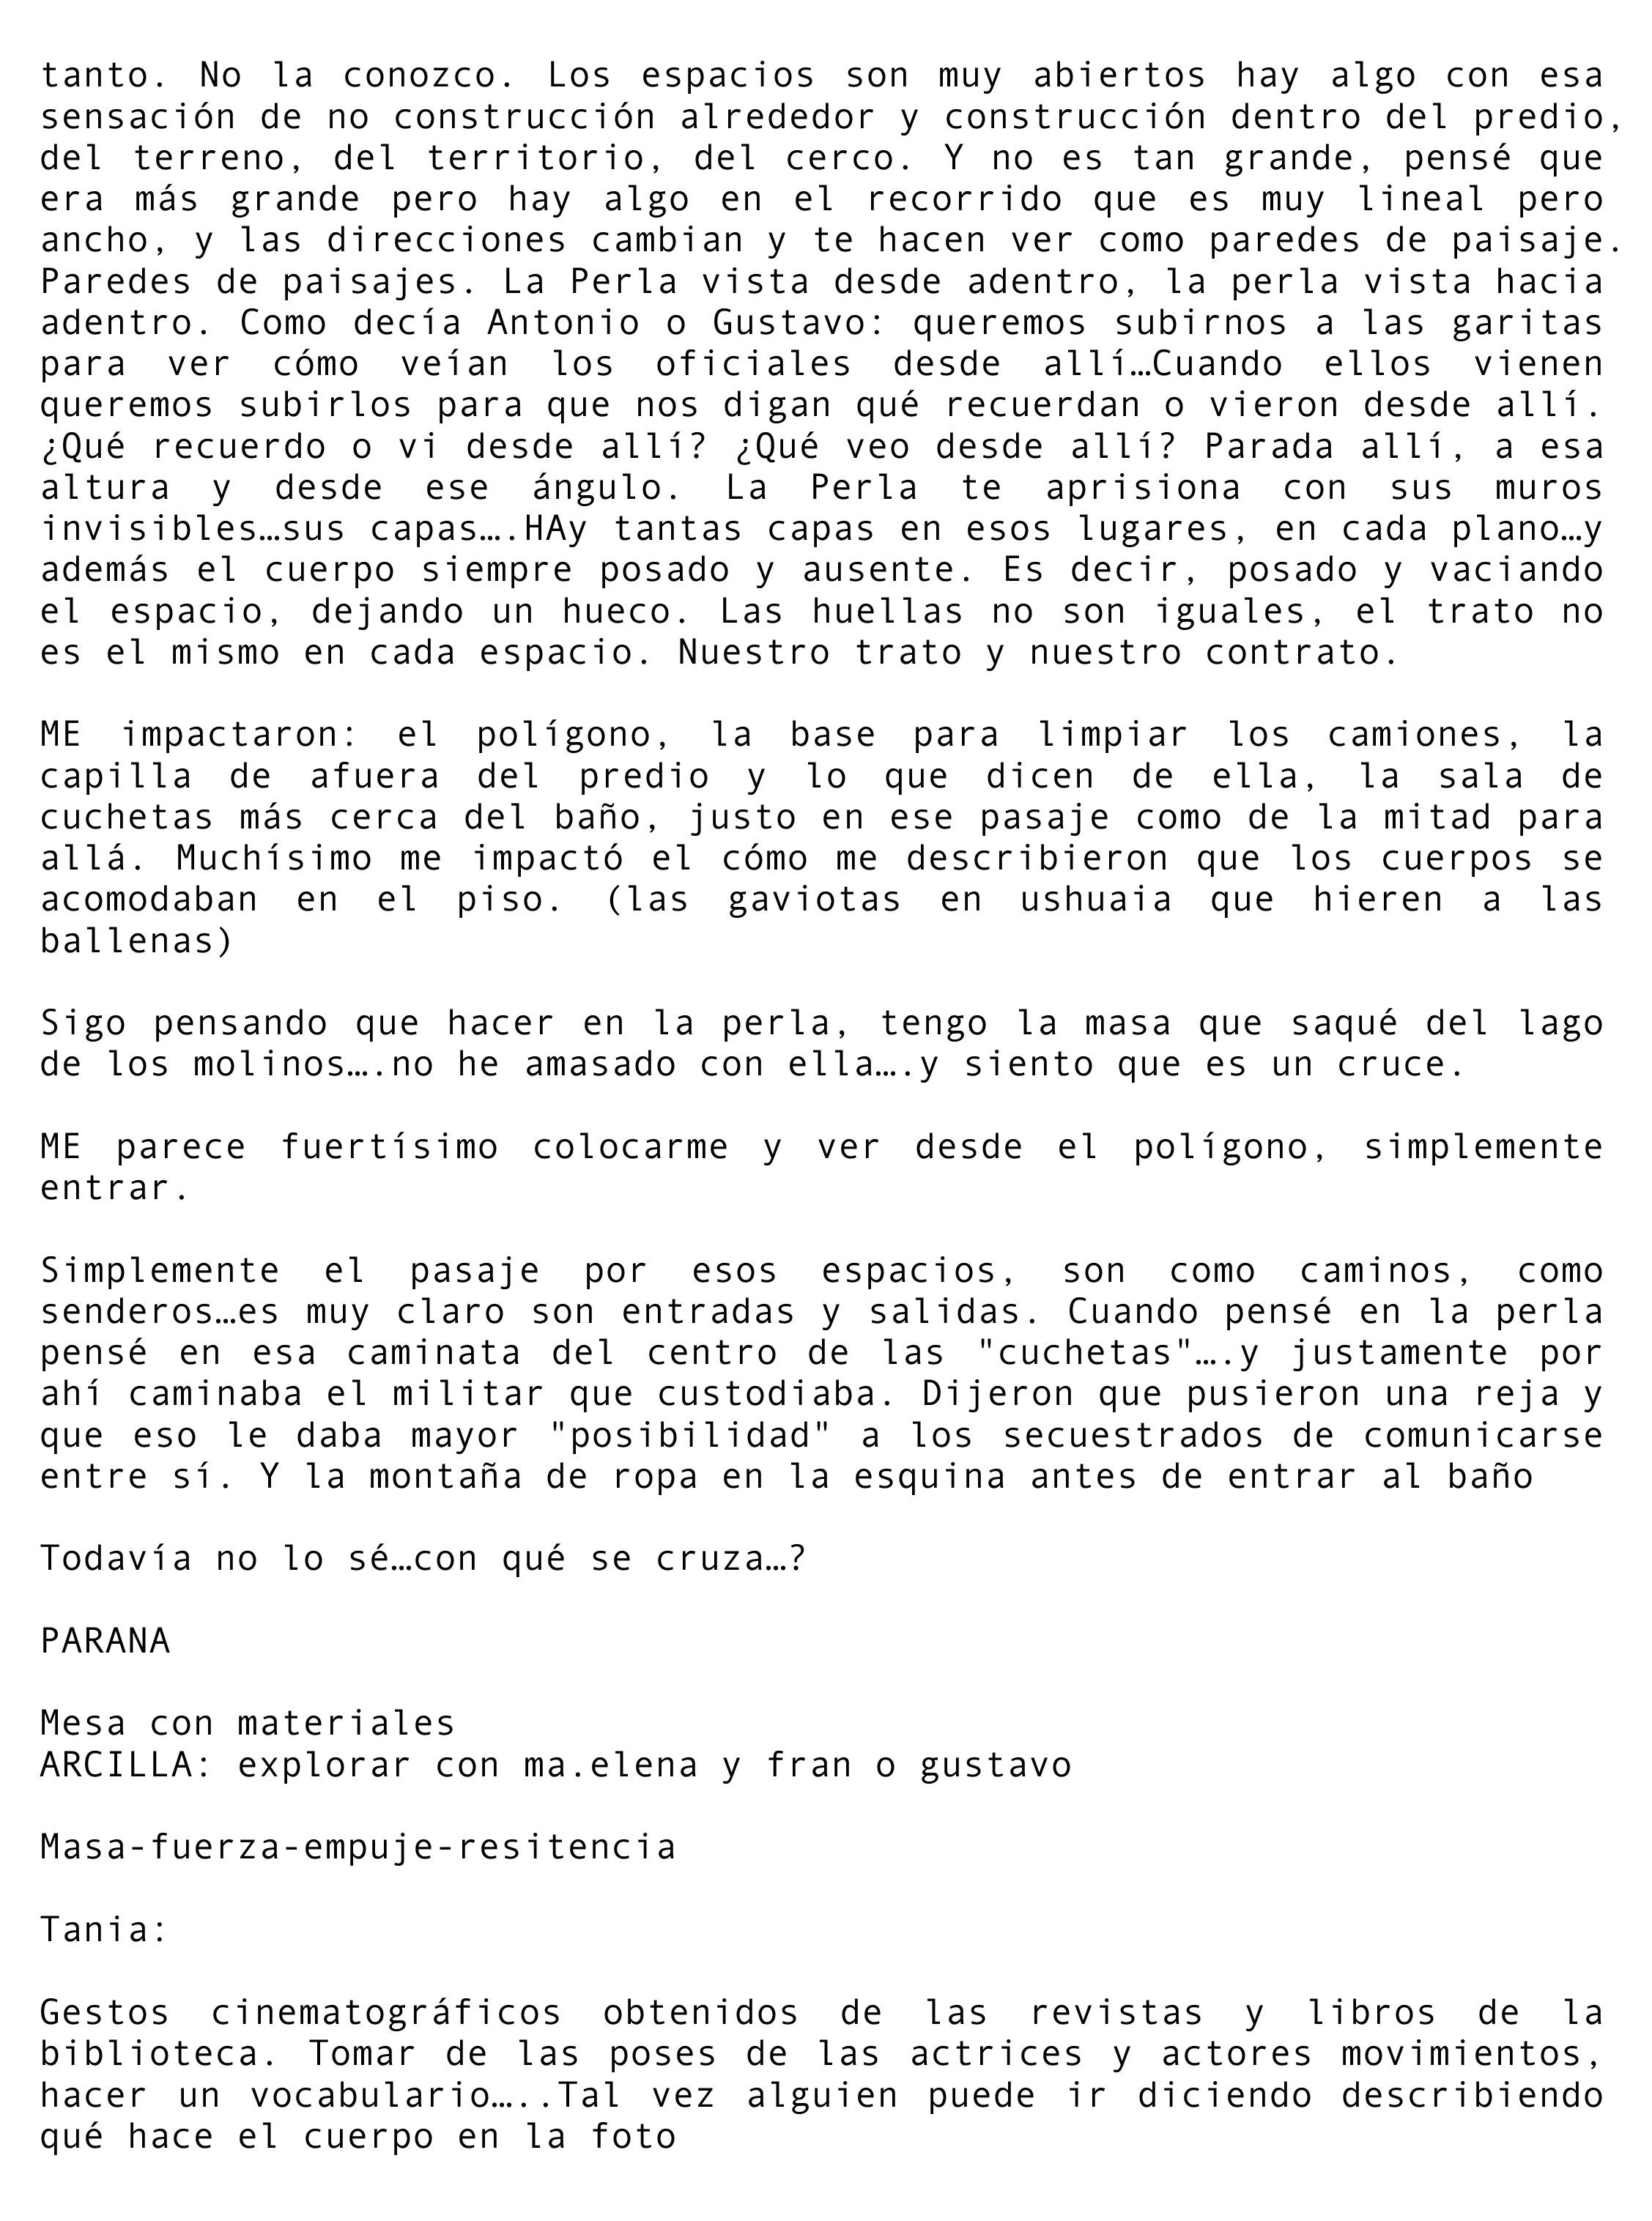 DIARIO_ARGENTINA-14.jpg